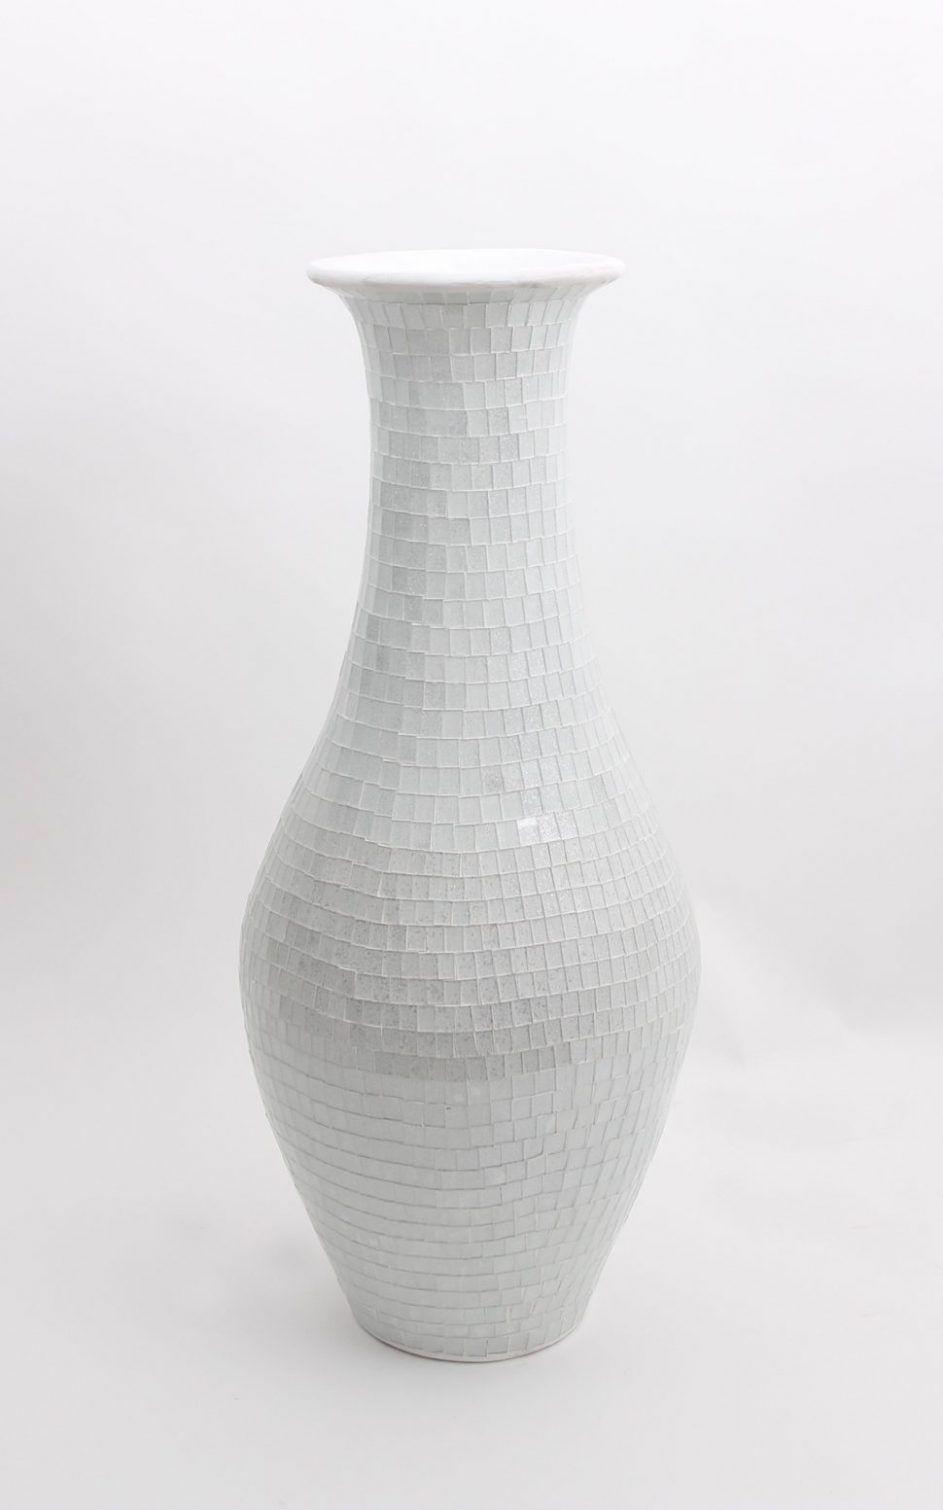 Superb Tall White Vases 122 Tall White Vases Australia Large Size